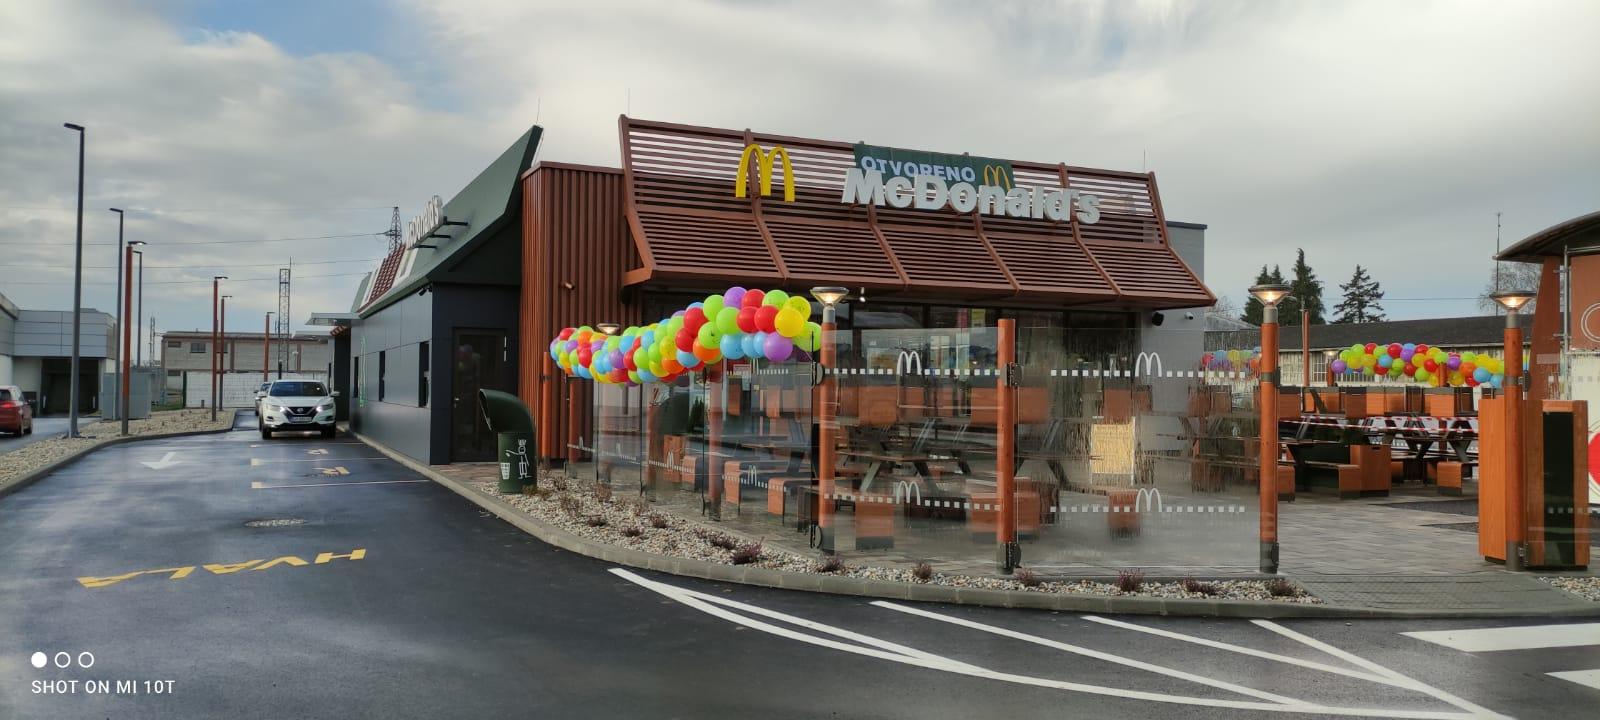 McDonald's (8)